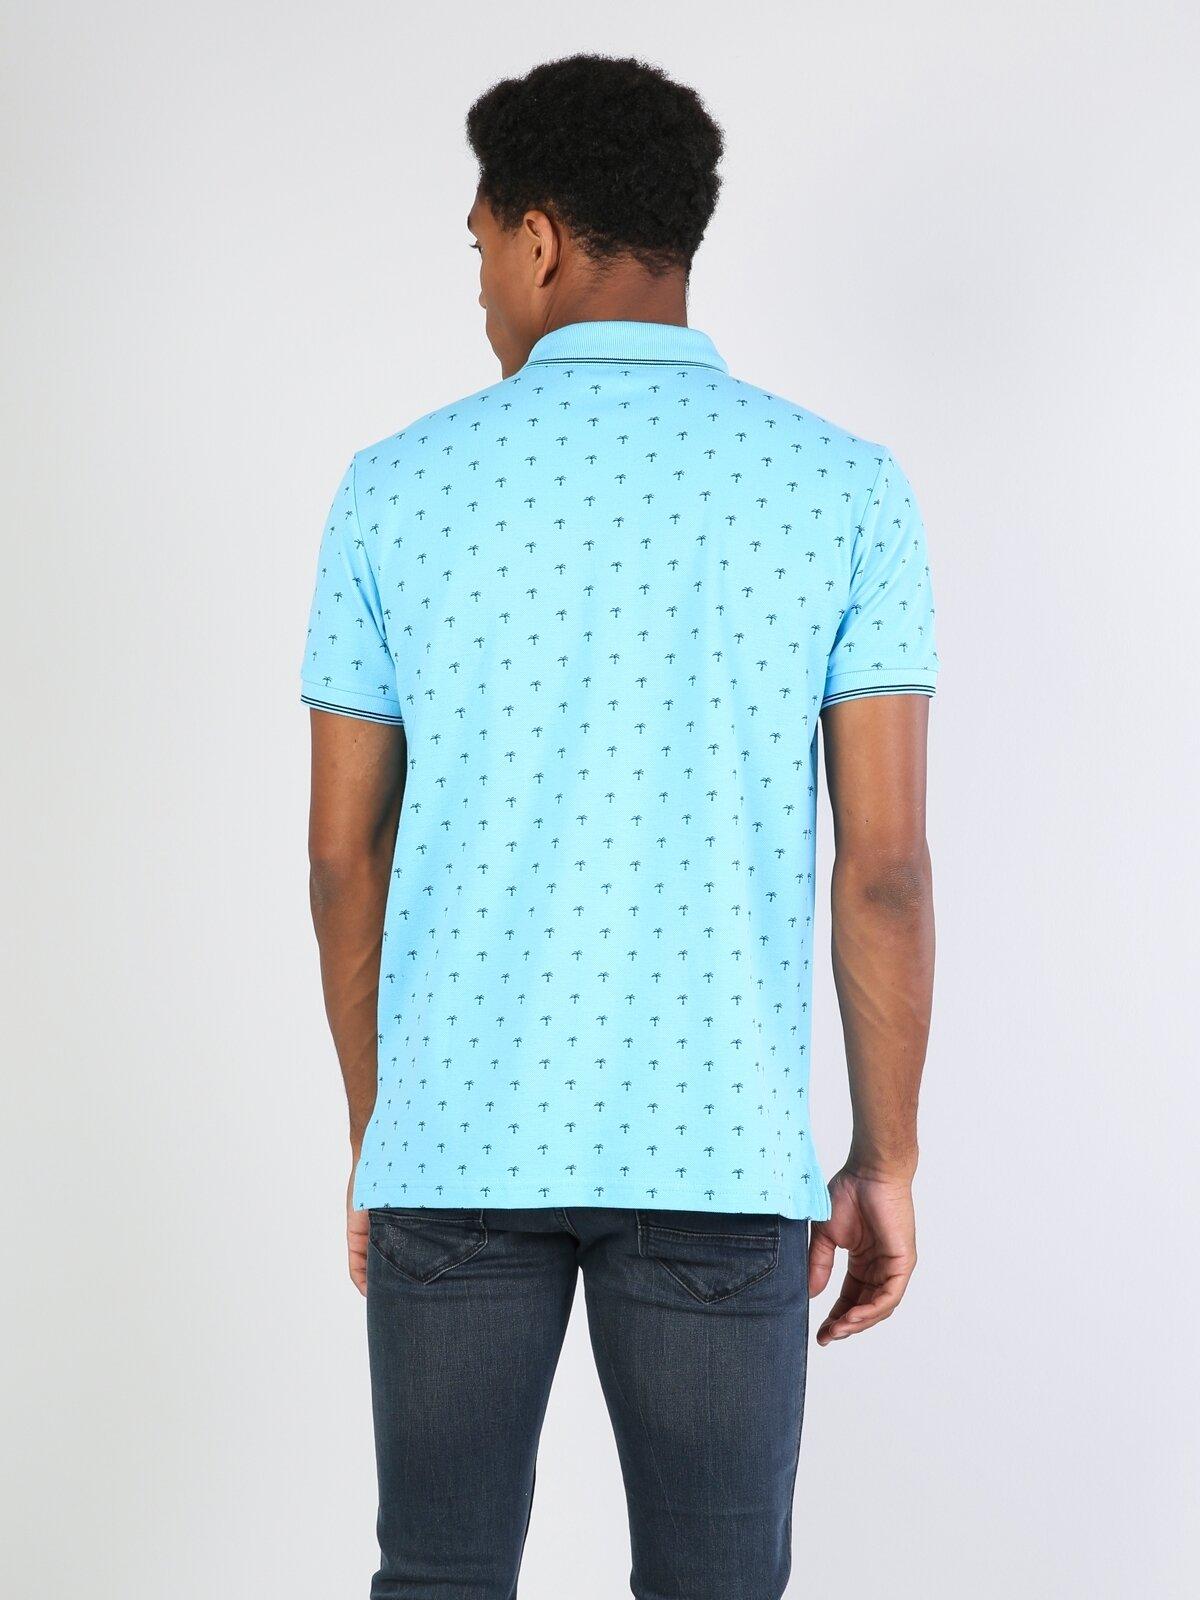 Polo Yaka Açık Mavi Kısa Kol Tişört